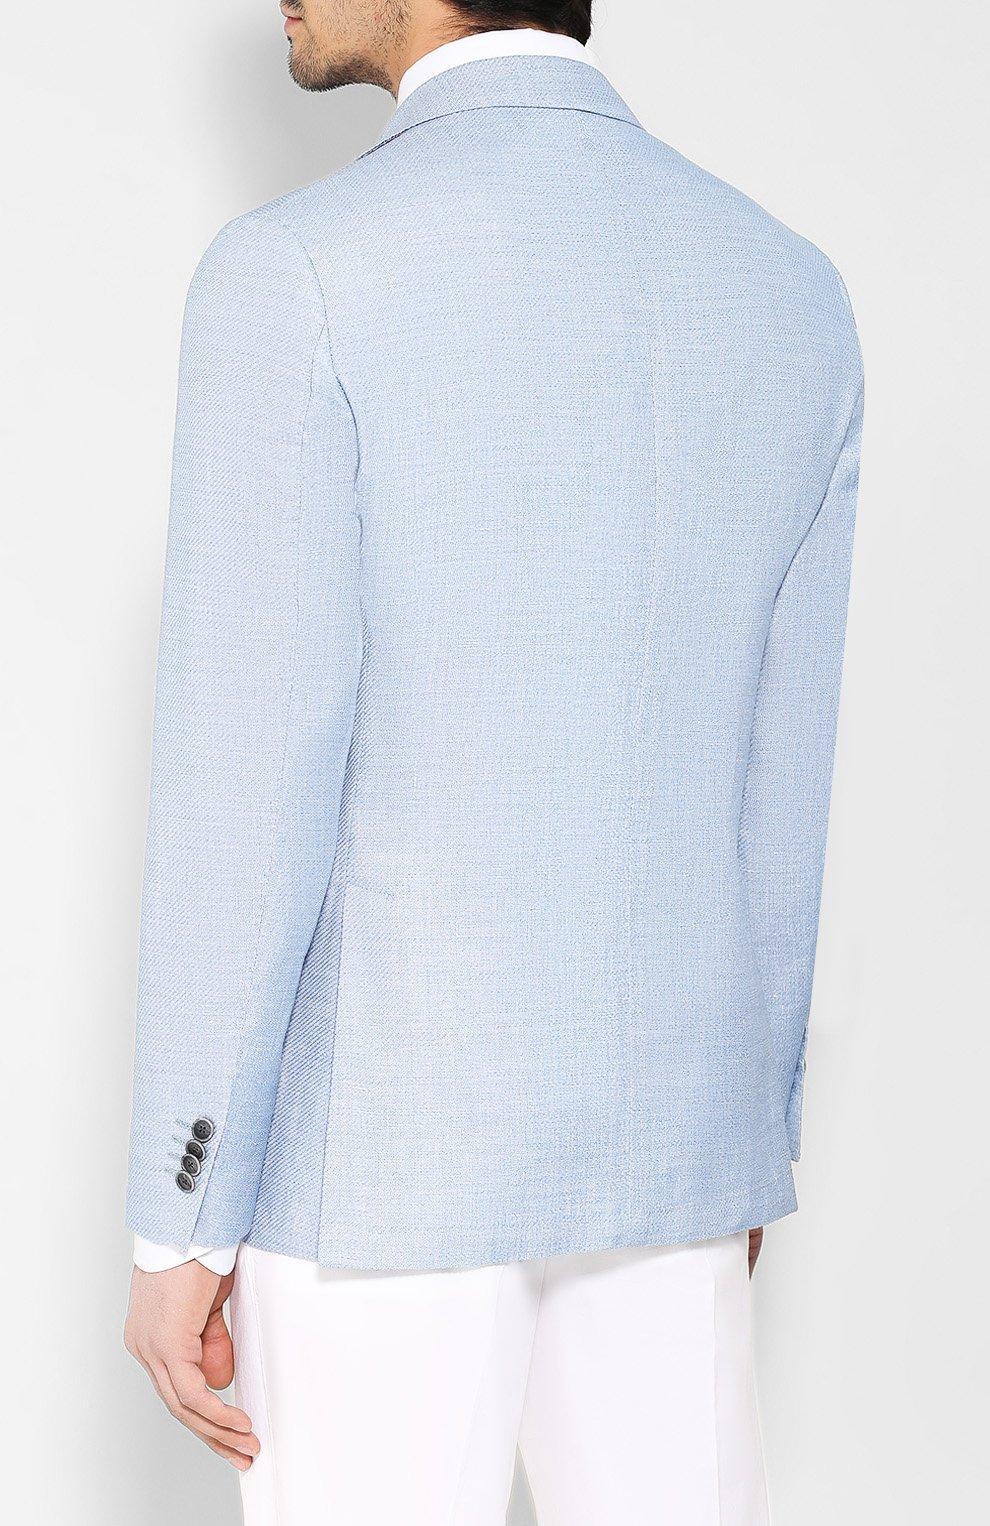 Пиджак из смеси шерсти и льна Sartoria Latorre голубой   Фото №4